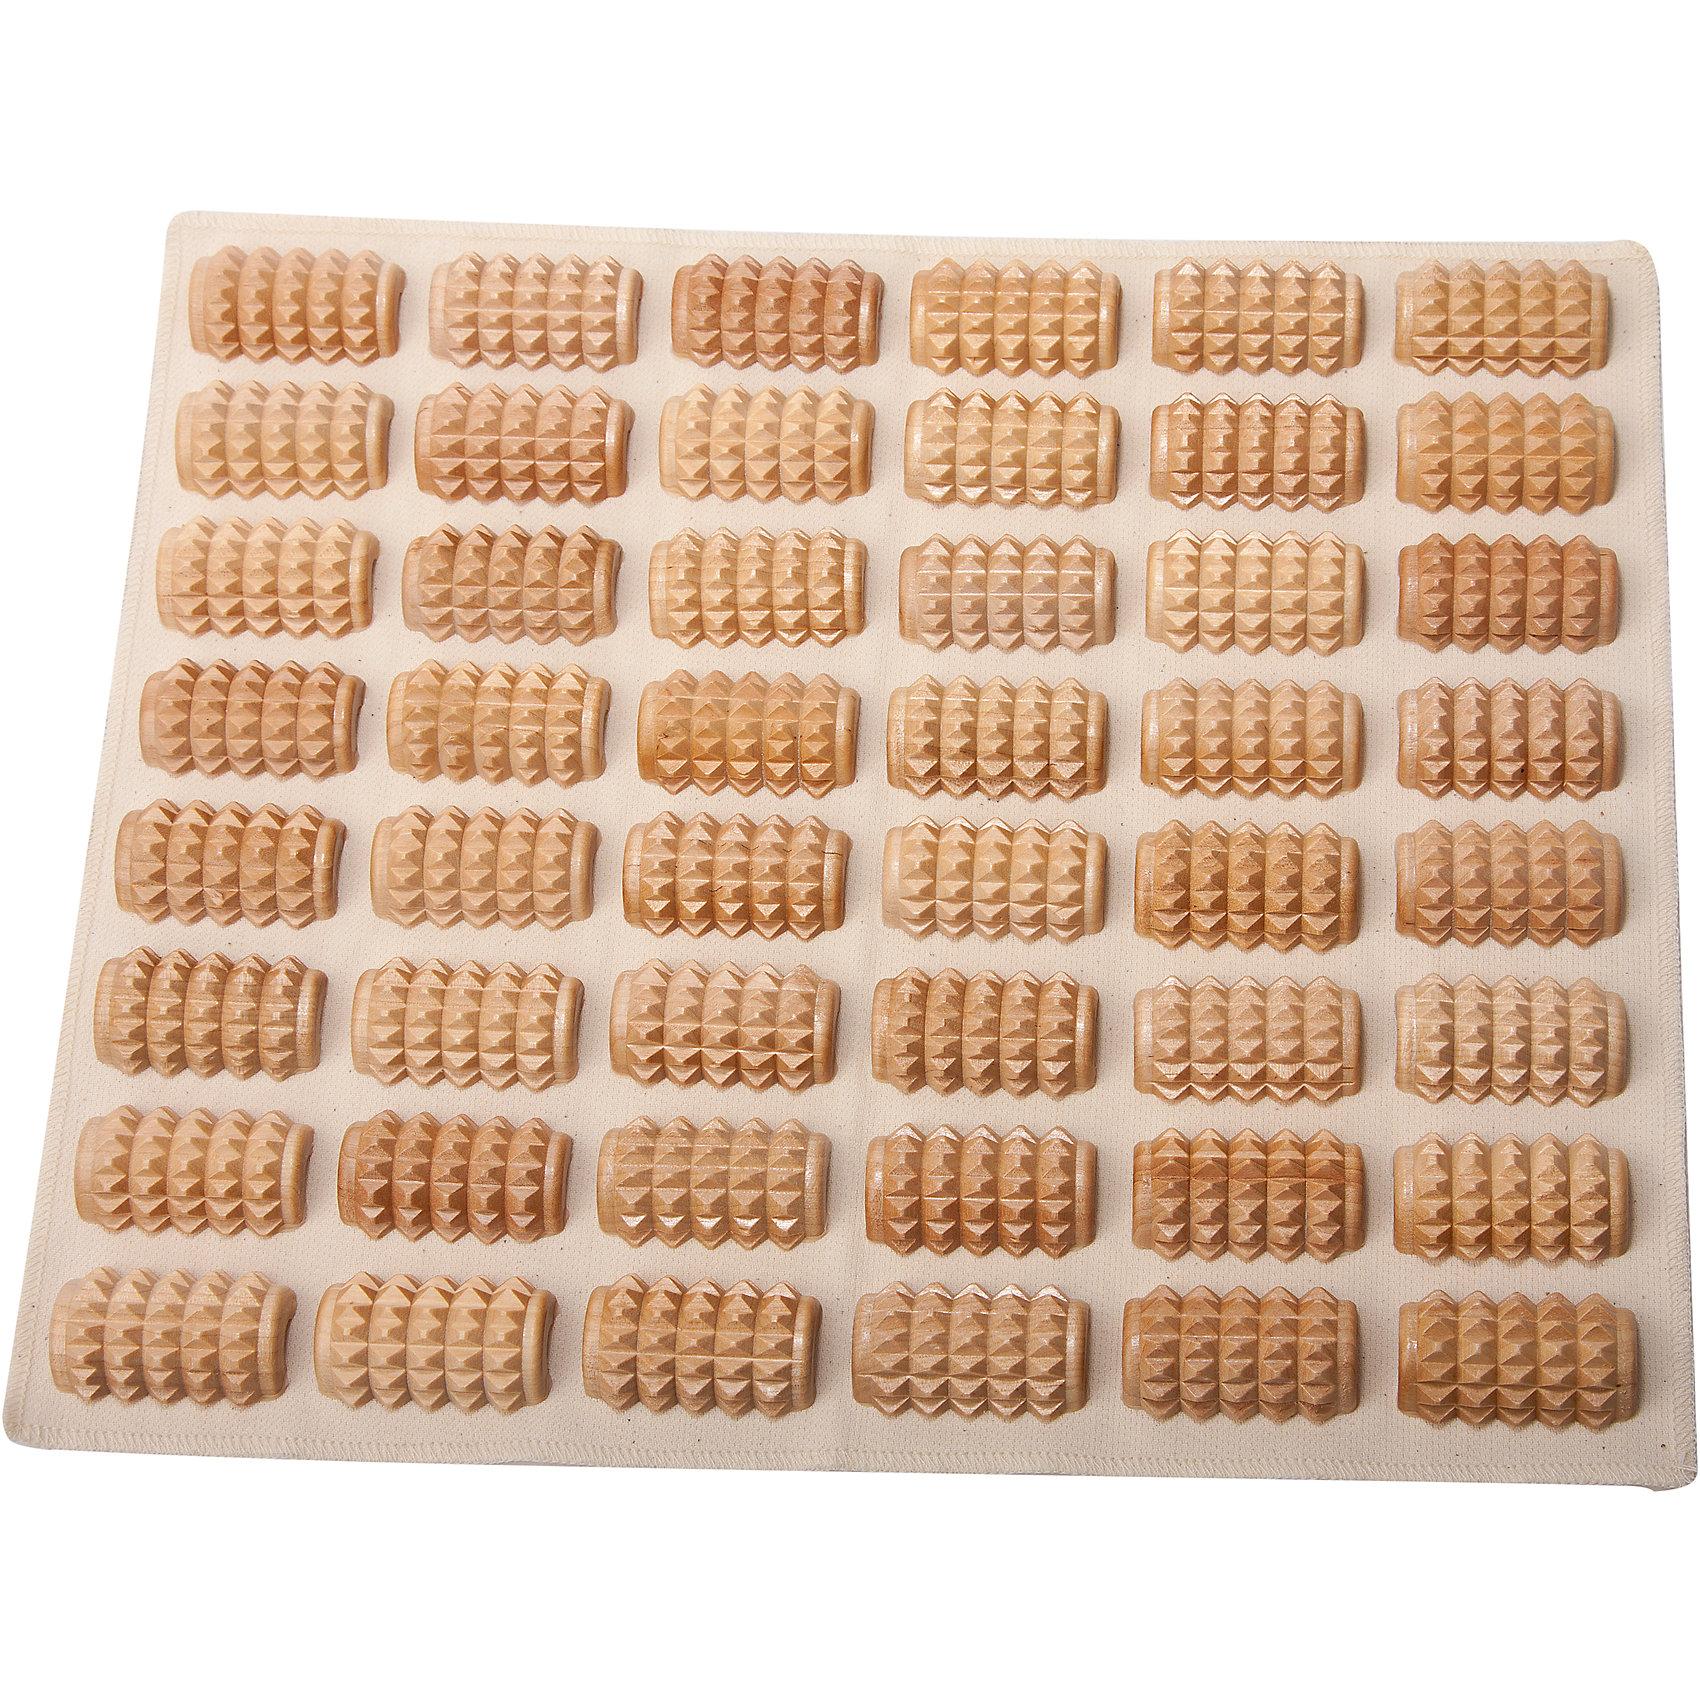 Массажный коврик Панцирь 285х710, ТимбэМассажеры<br>Основные характеристики<br><br>Размер: 285*710мм<br>Материал: береза, саржа суровая хлопчатобумажная (состав: хлопок 100%, плотность 260)<br>Цвет: натуральная древесина<br>Назначение: для спины, шеи, поясницы, ягодиц, стоп <br>Страна-производитель: Россия<br>Упаковка: пакет с европодвесом<br><br>На ступнях человека расположено около 70000 нервных окончаний, которые образуют рефлекторные зоны, связанные с определенными внутренними органами. При их массаже происходит активация защитных функций организма. Массажеры для стоп позволят самостоятельно проводить несложный массаж, не требующий специальных навыков!<br>Стояние и ходьба на месте босяком на коврике имитирует оздоровительную ходьбу по гальке.<br><br>Ширина мм: 185<br>Глубина мм: 50<br>Высота мм: 300<br>Вес г: 660<br>Возраст от месяцев: 36<br>Возраст до месяцев: 192<br>Пол: Унисекс<br>Возраст: Детский<br>SKU: 5056609